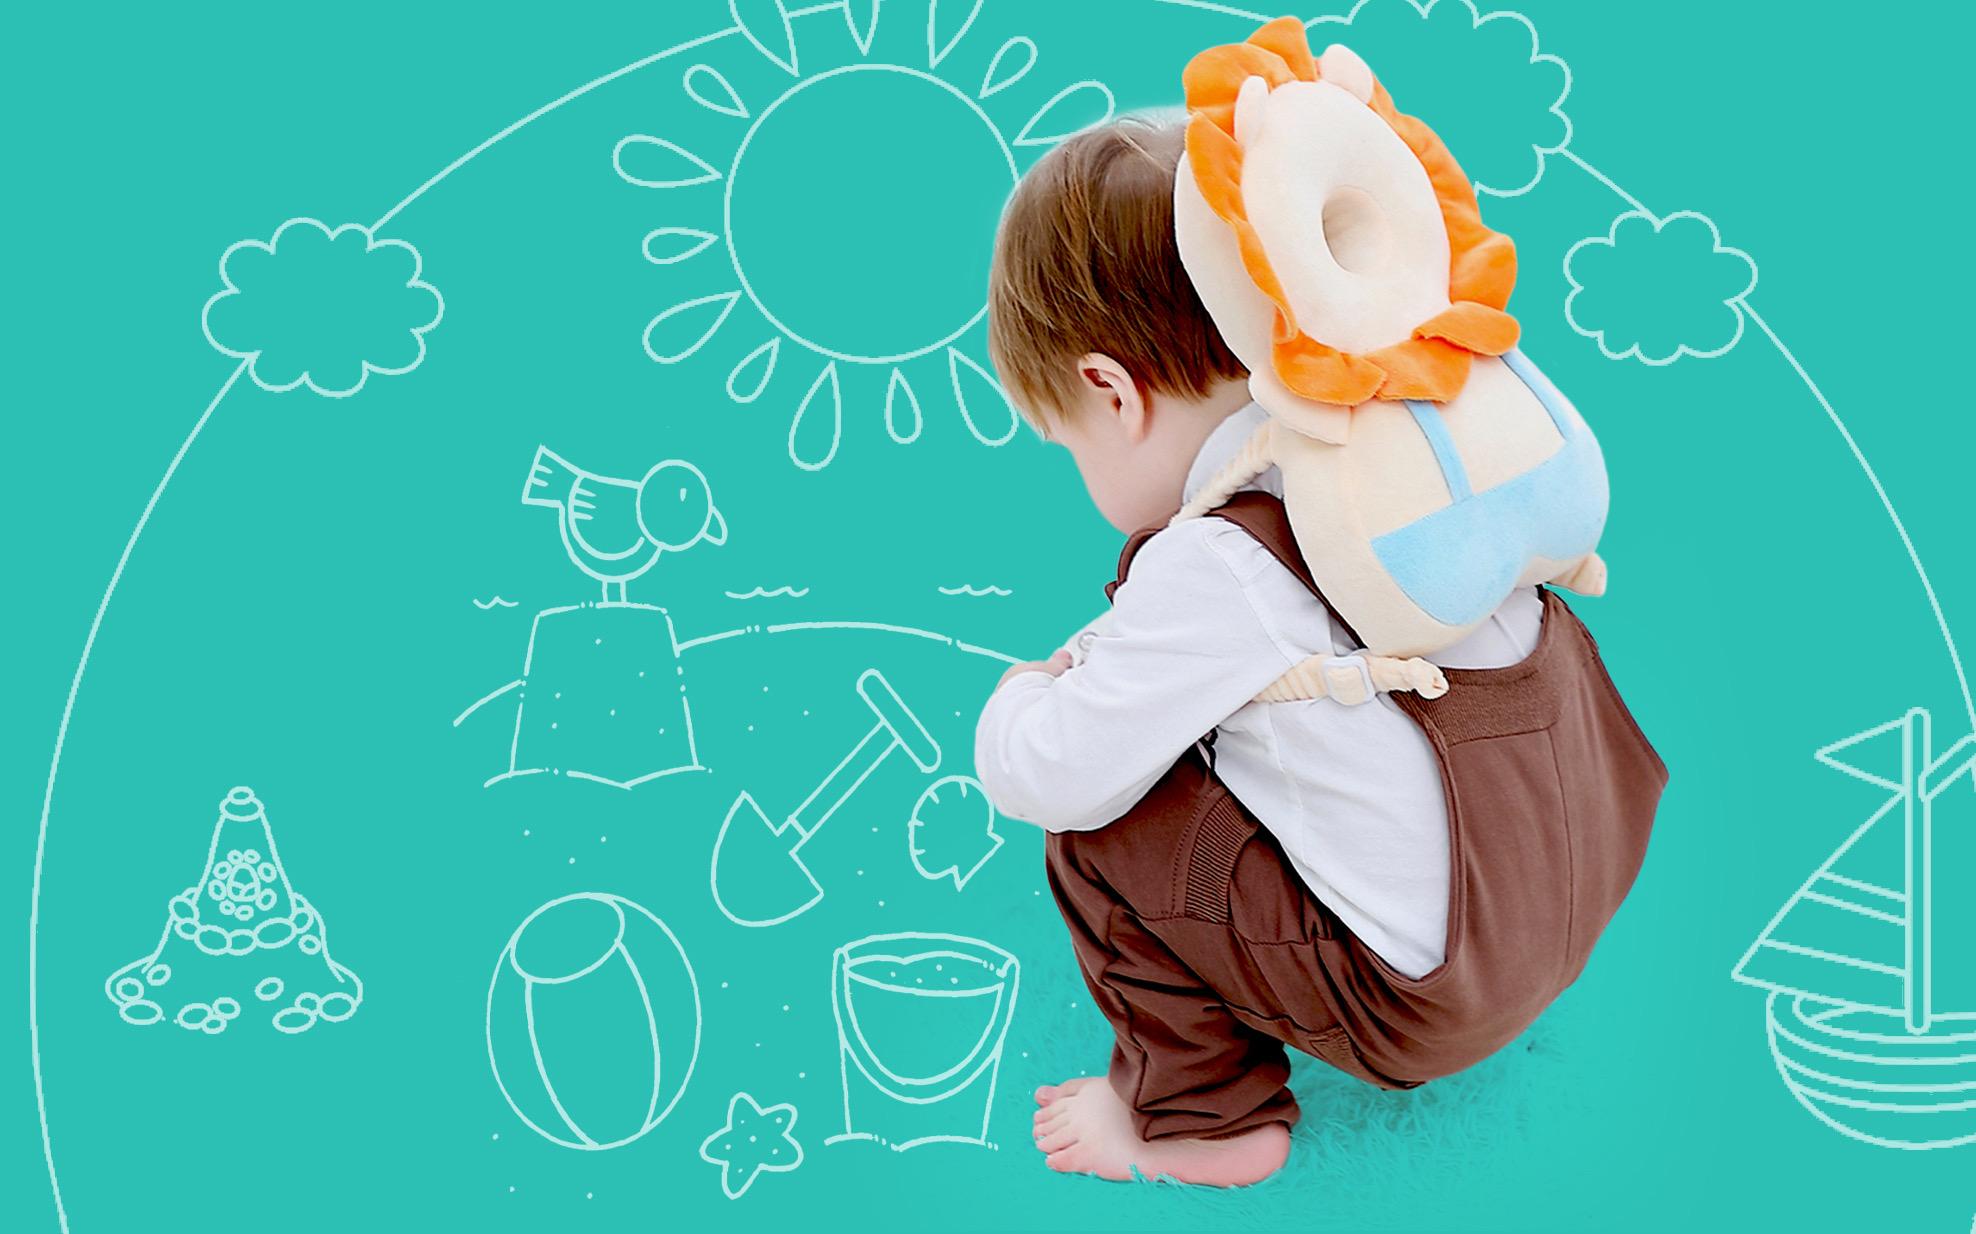 рюкзачок-подушка создан с учетом среднего роста годовалых детей